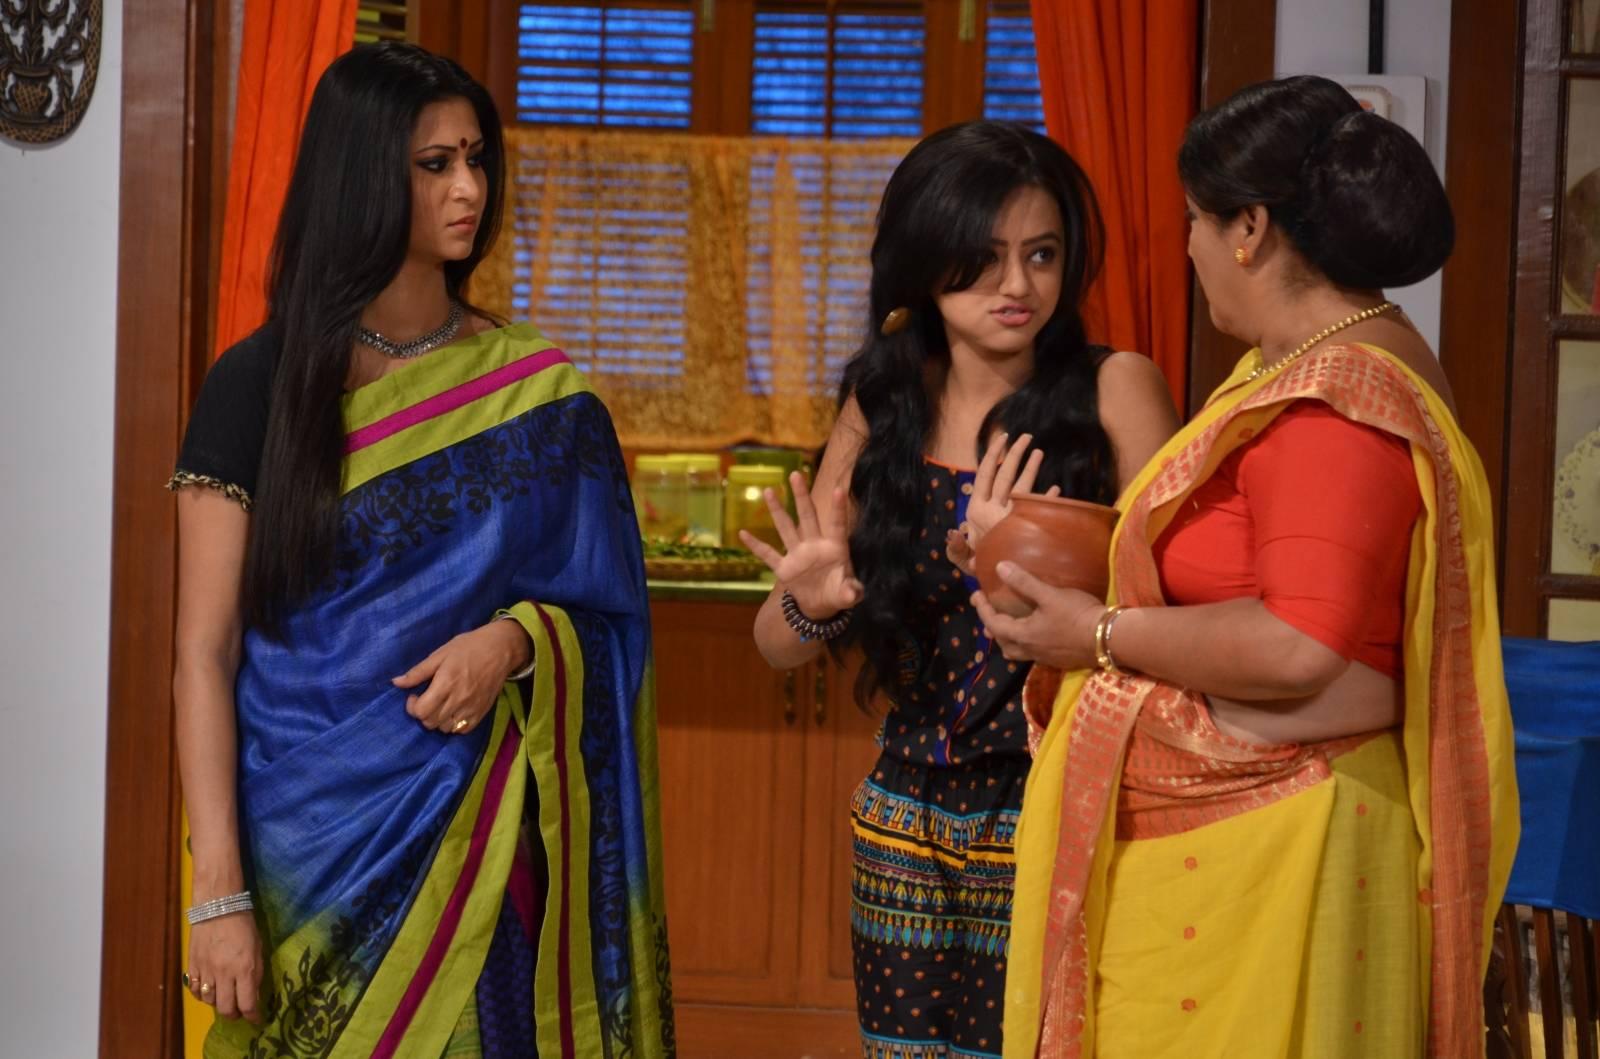 Image: Swaragini